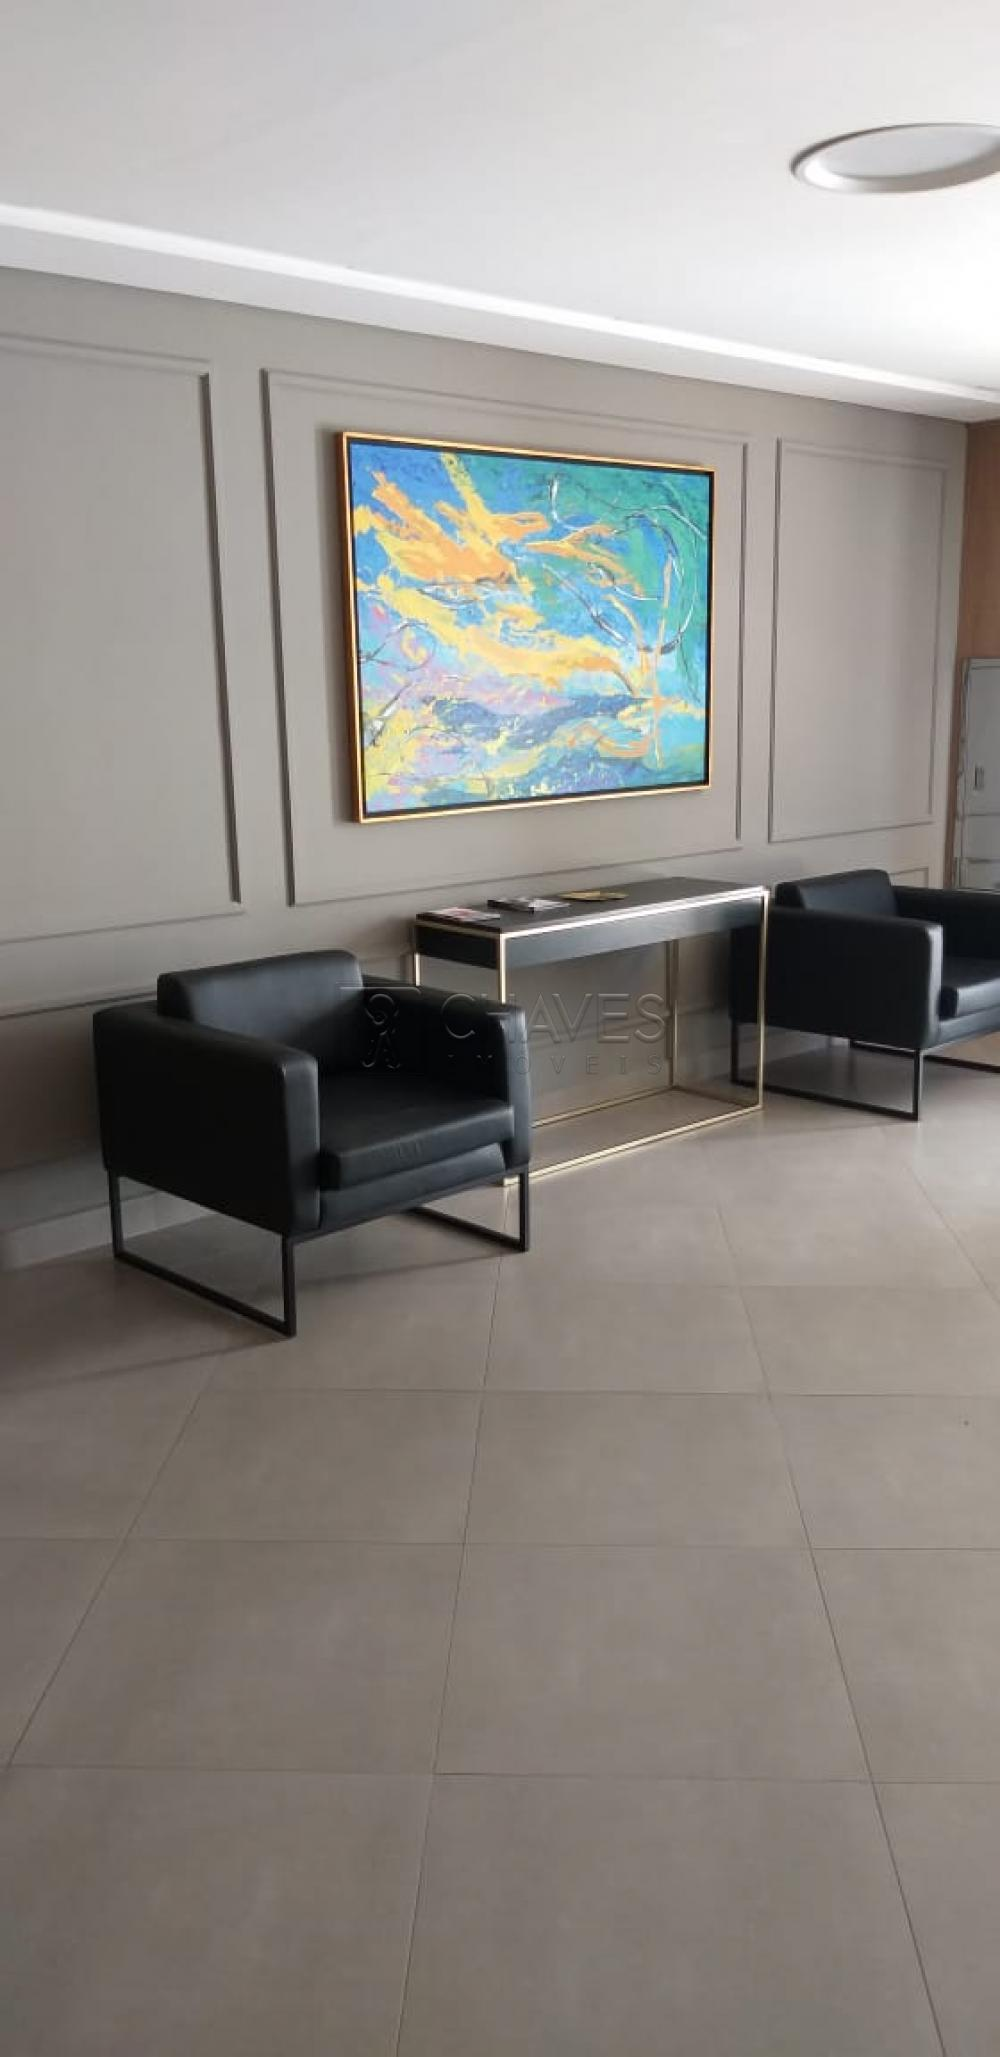 Comprar Apartamento / Cobertura em Ribeirão Preto R$ 1.319.000,00 - Foto 6